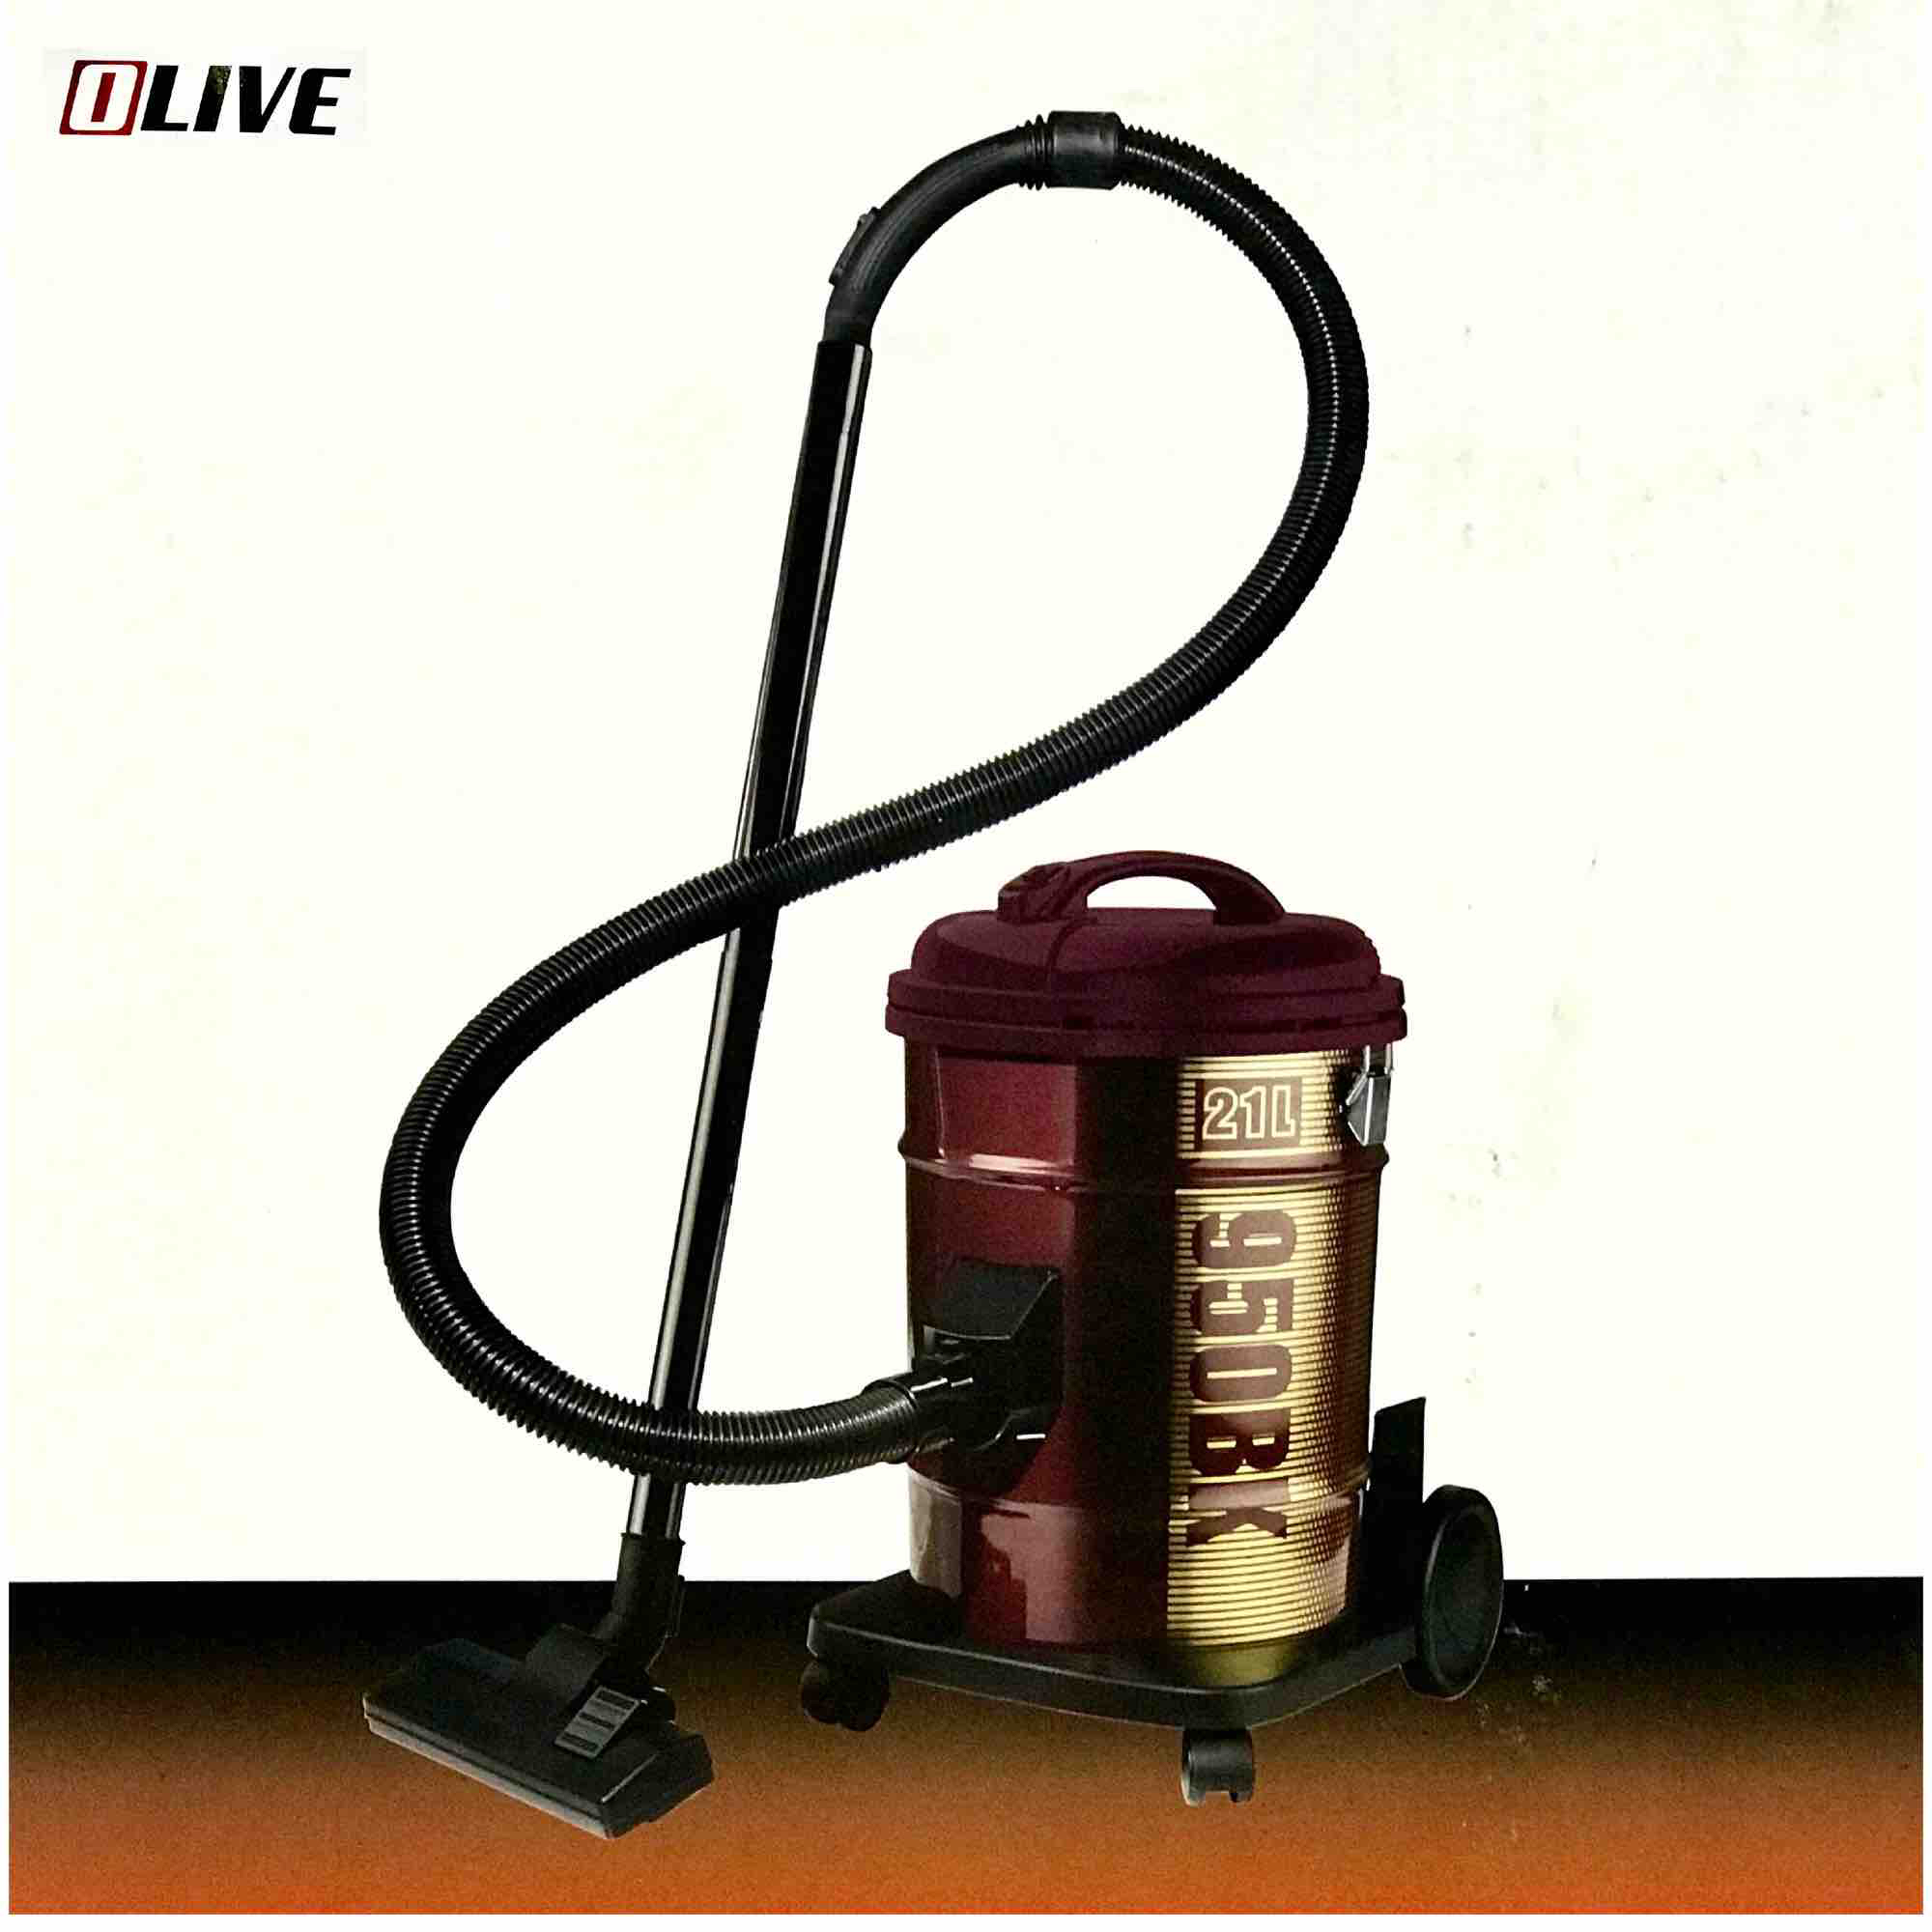 Olive  Vacuum Cleaner 2400 watt Drum -K-403-3-DR